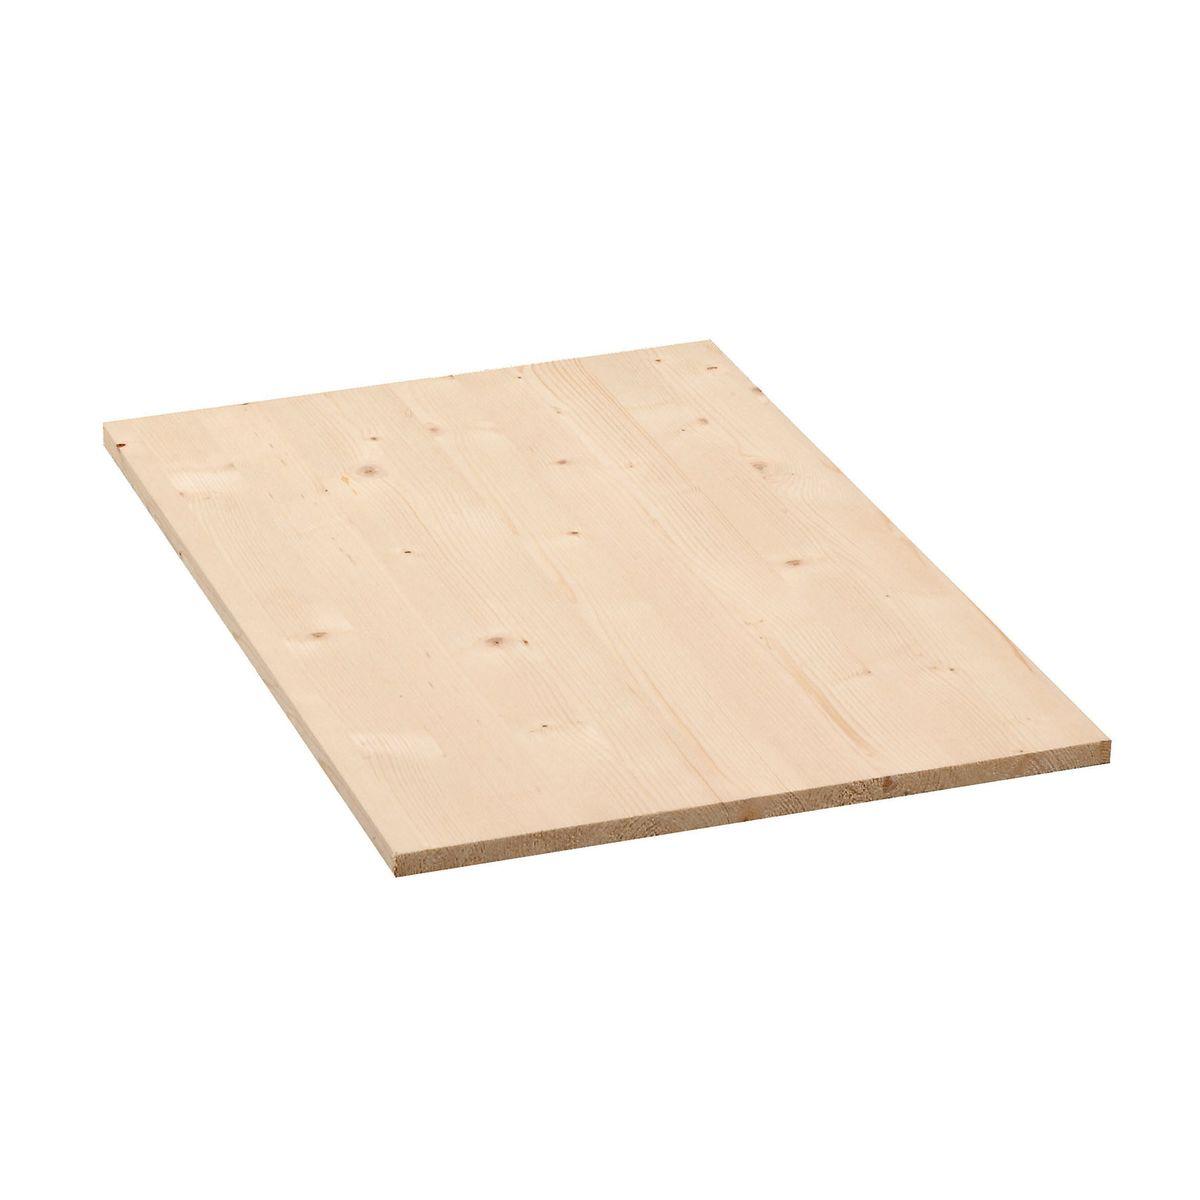 Pannelli in legno per esterno simple pannelli hpl effetto for Pannelli abete leroy merlin